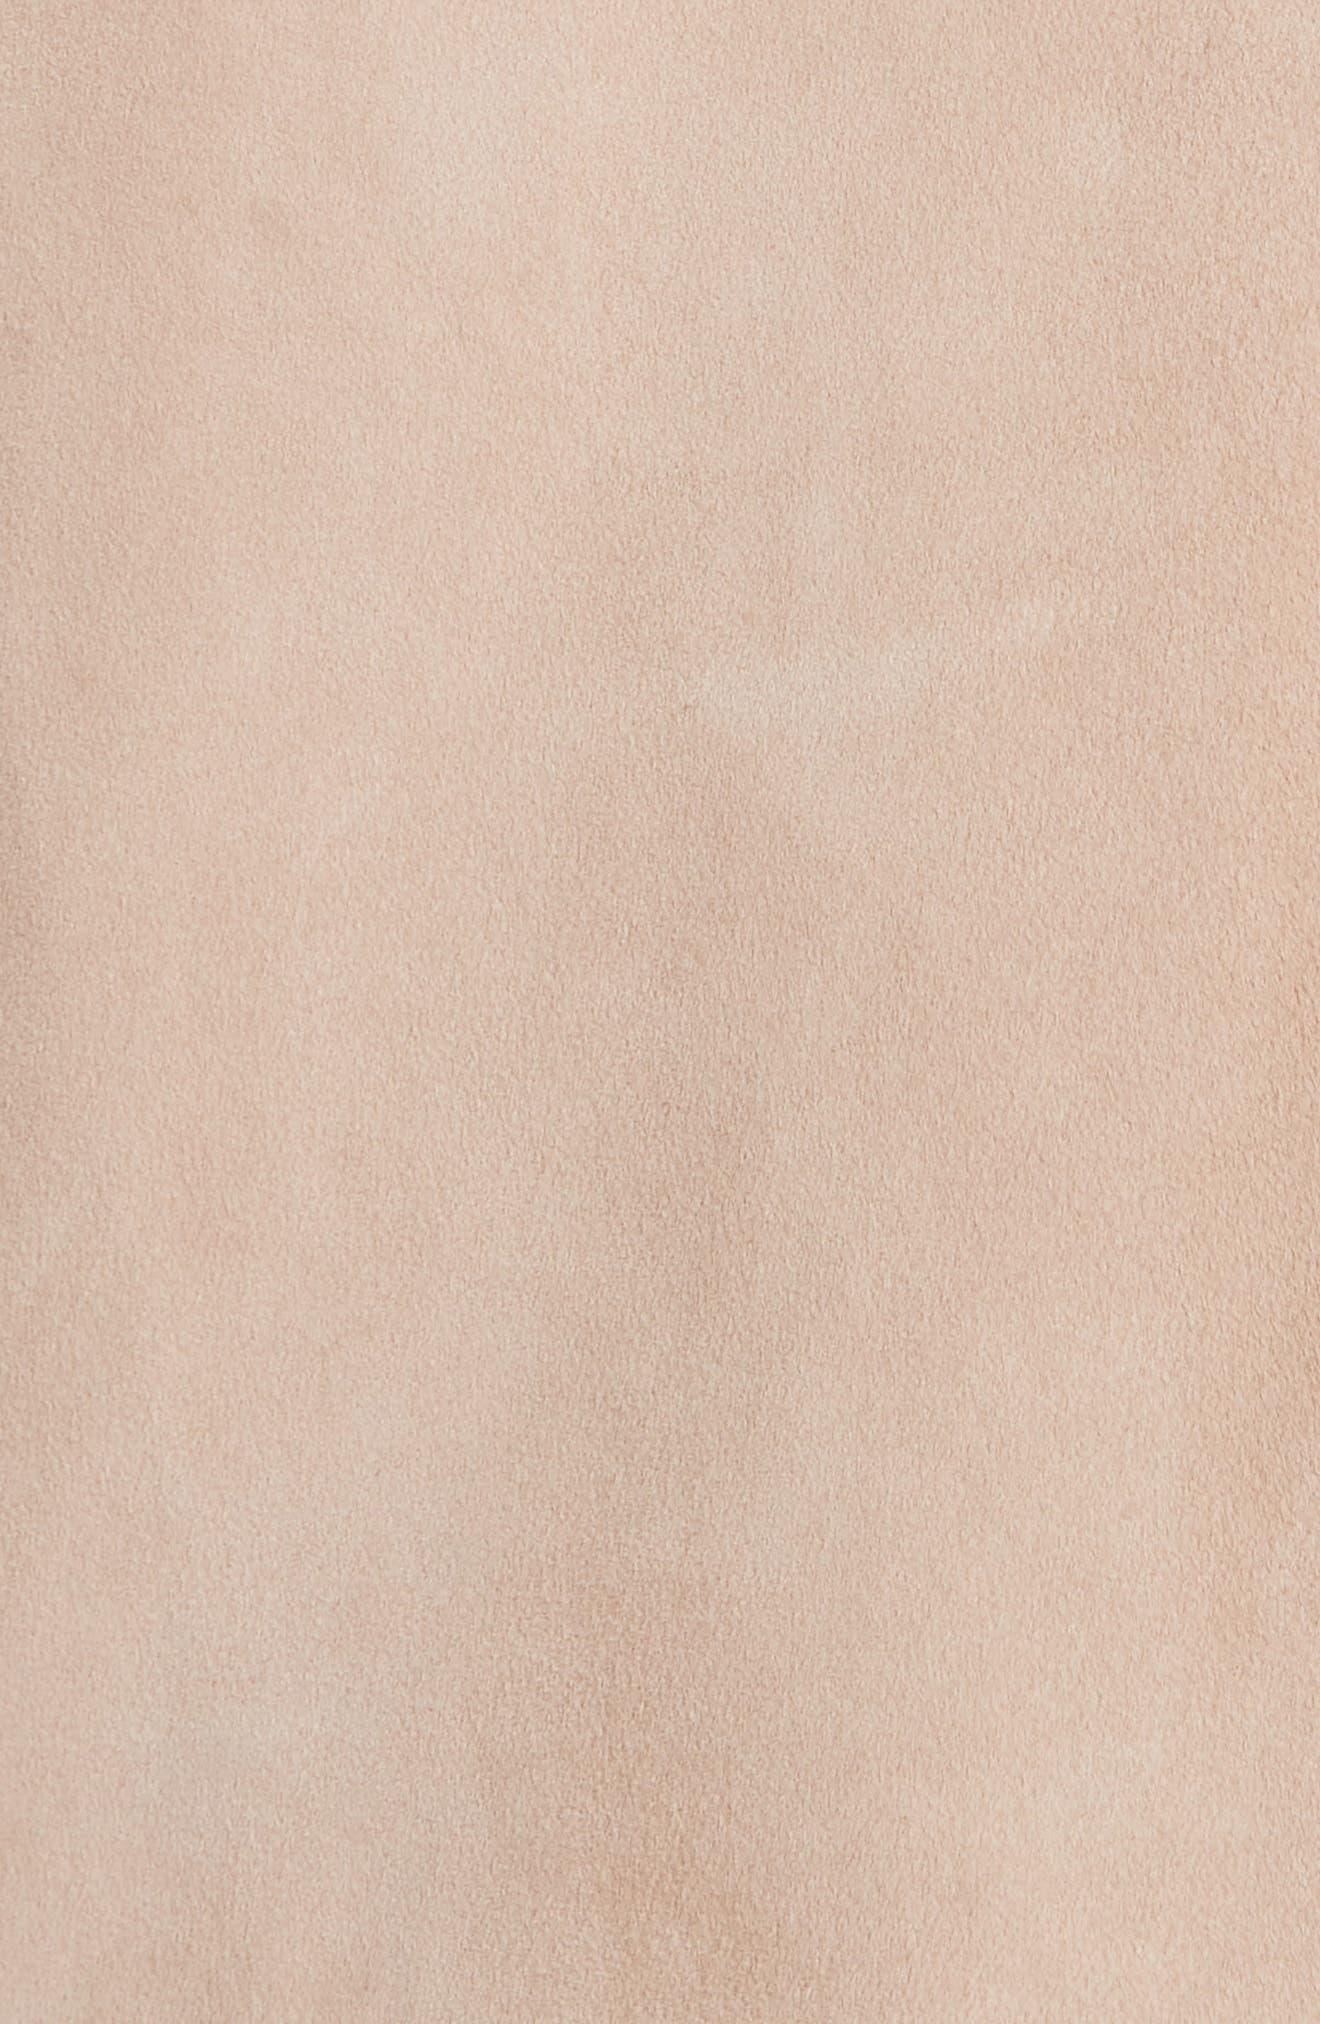 VINCE,                             Suede Moto Jacket,                             Alternate thumbnail 7, color,                             ROSE QUARTZ